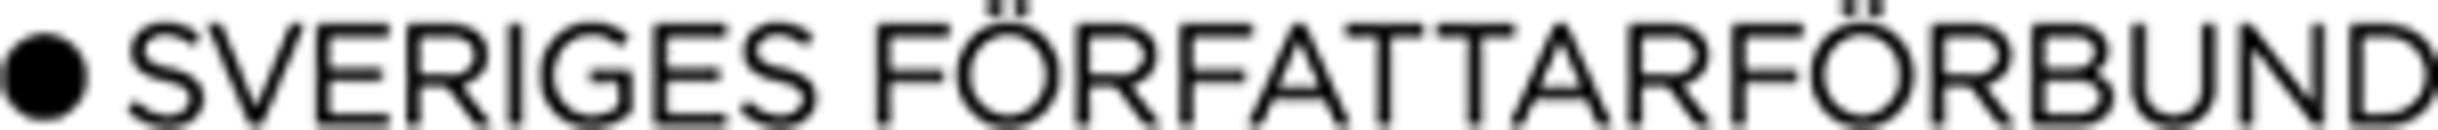 Sveriges Författarförbund logo